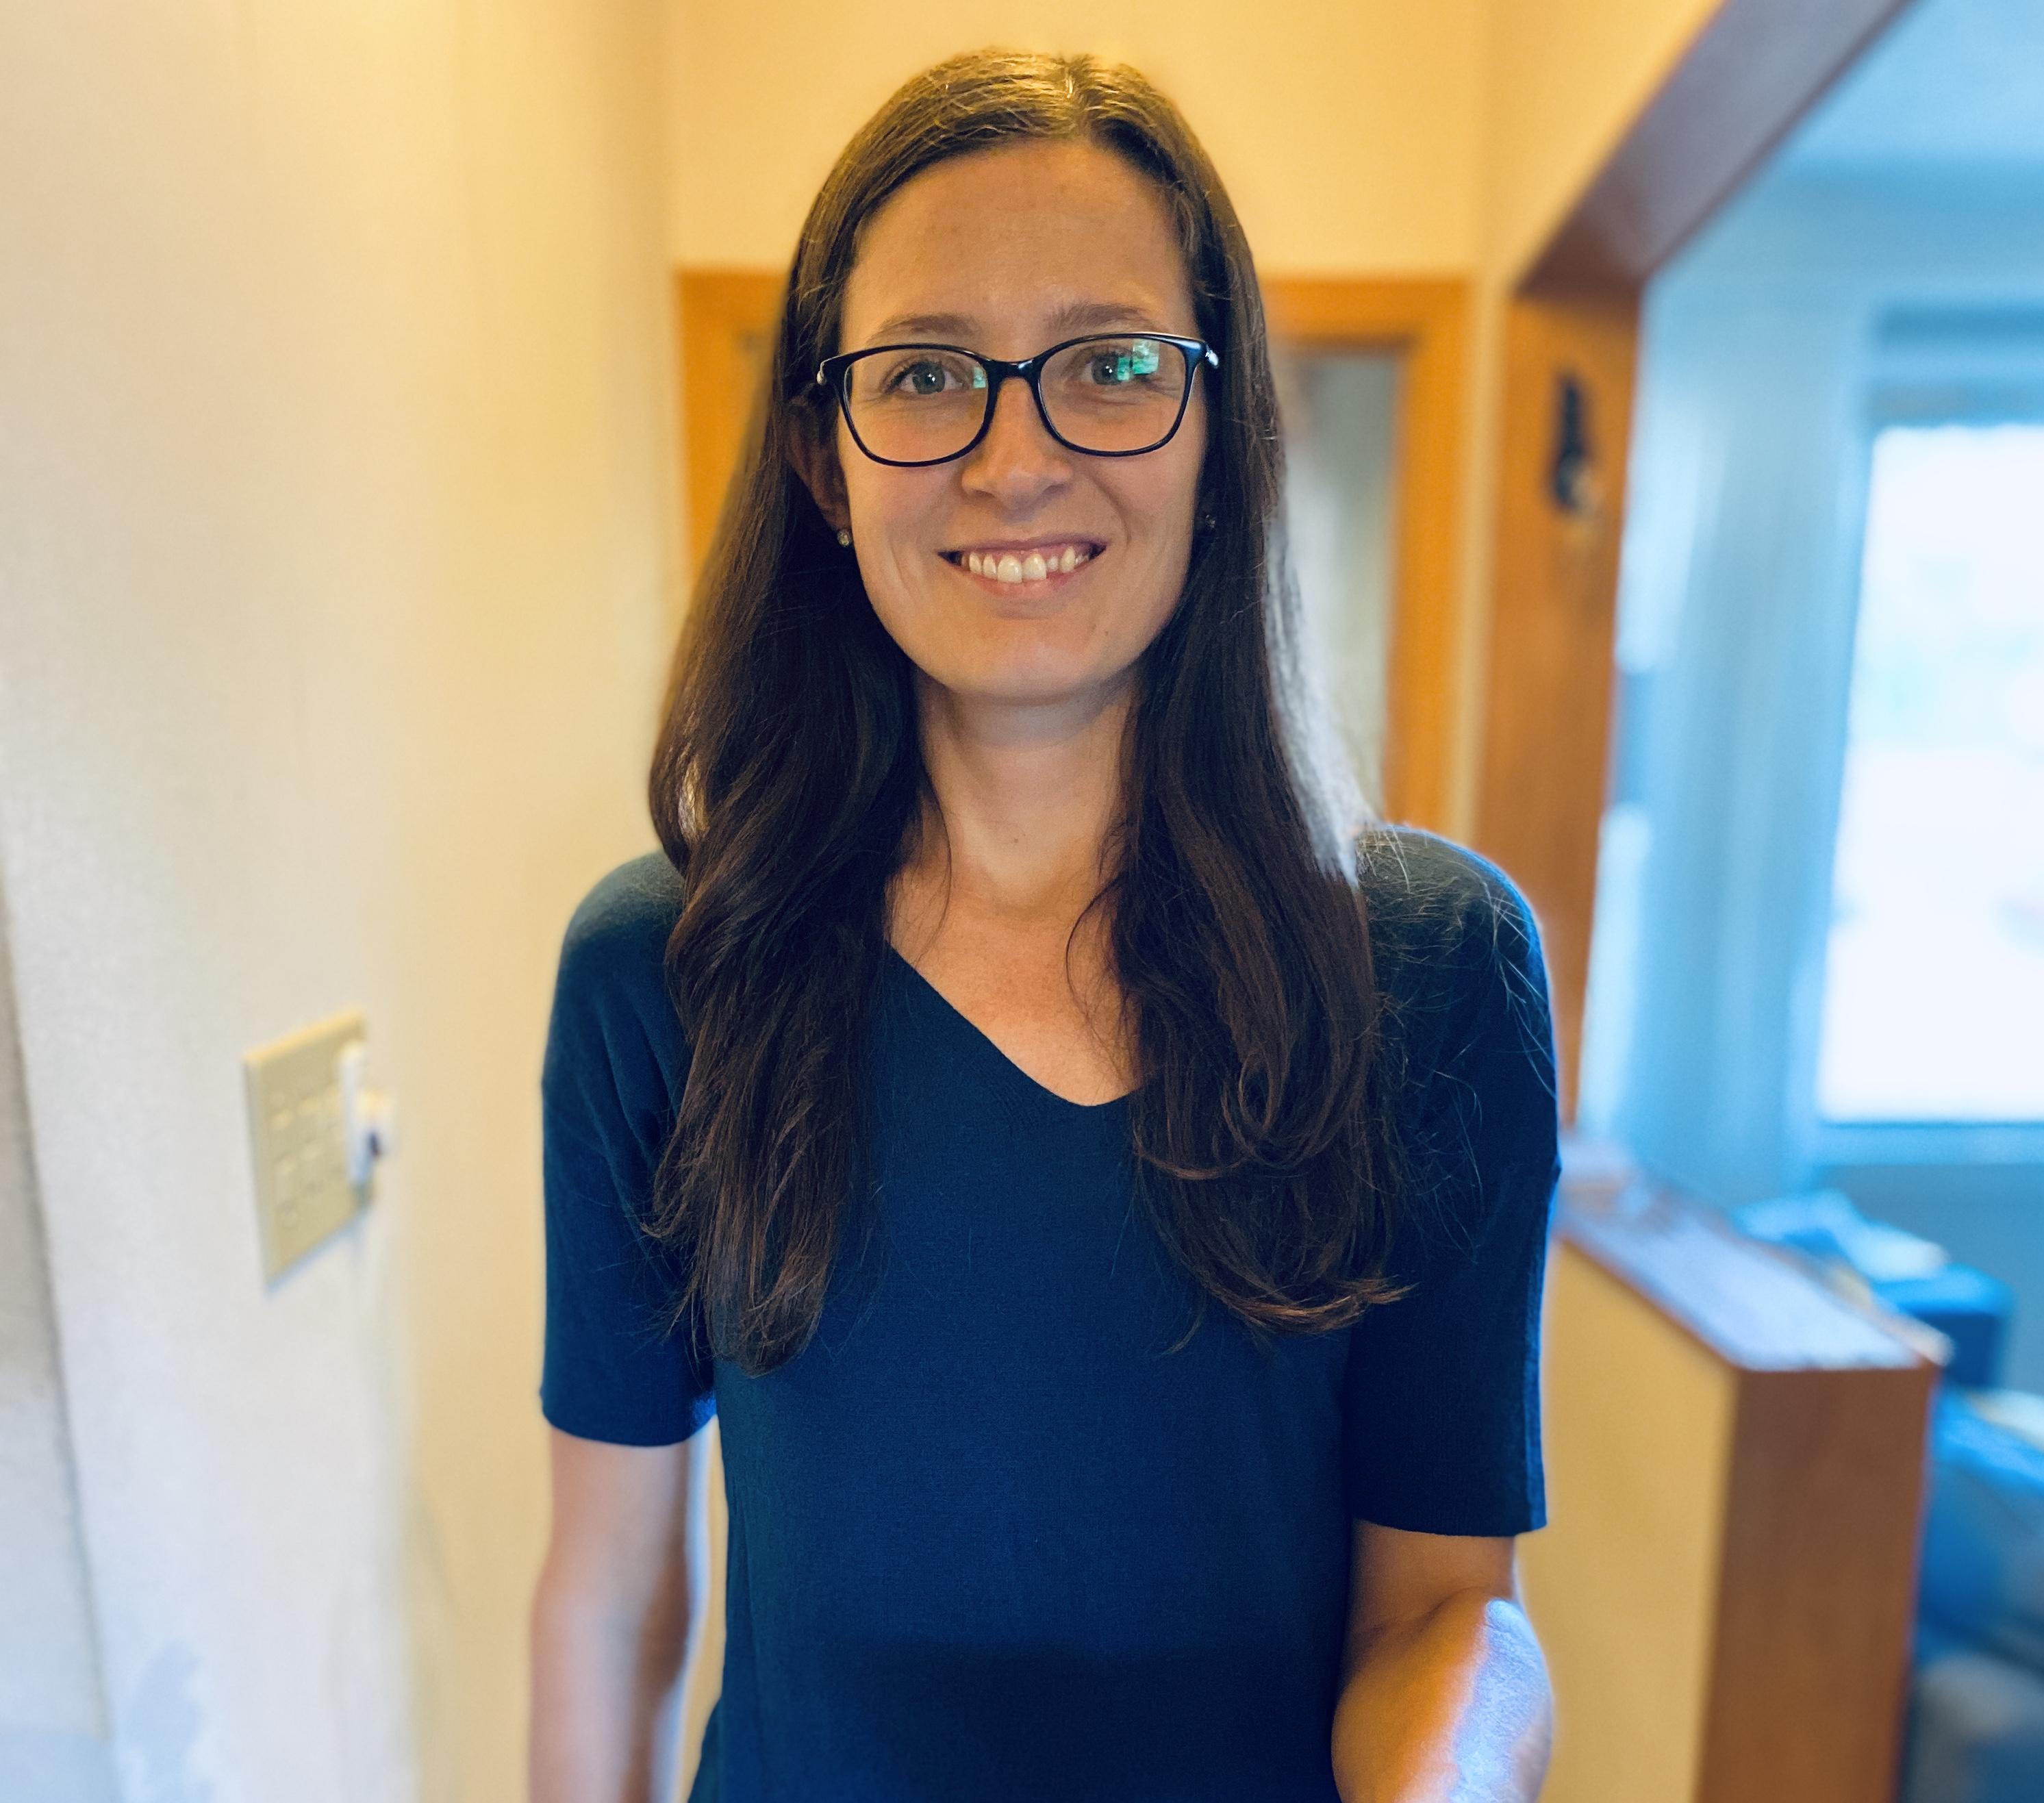 Femme avec cheveux bruns, lunettes et gilet bleu dans une maison